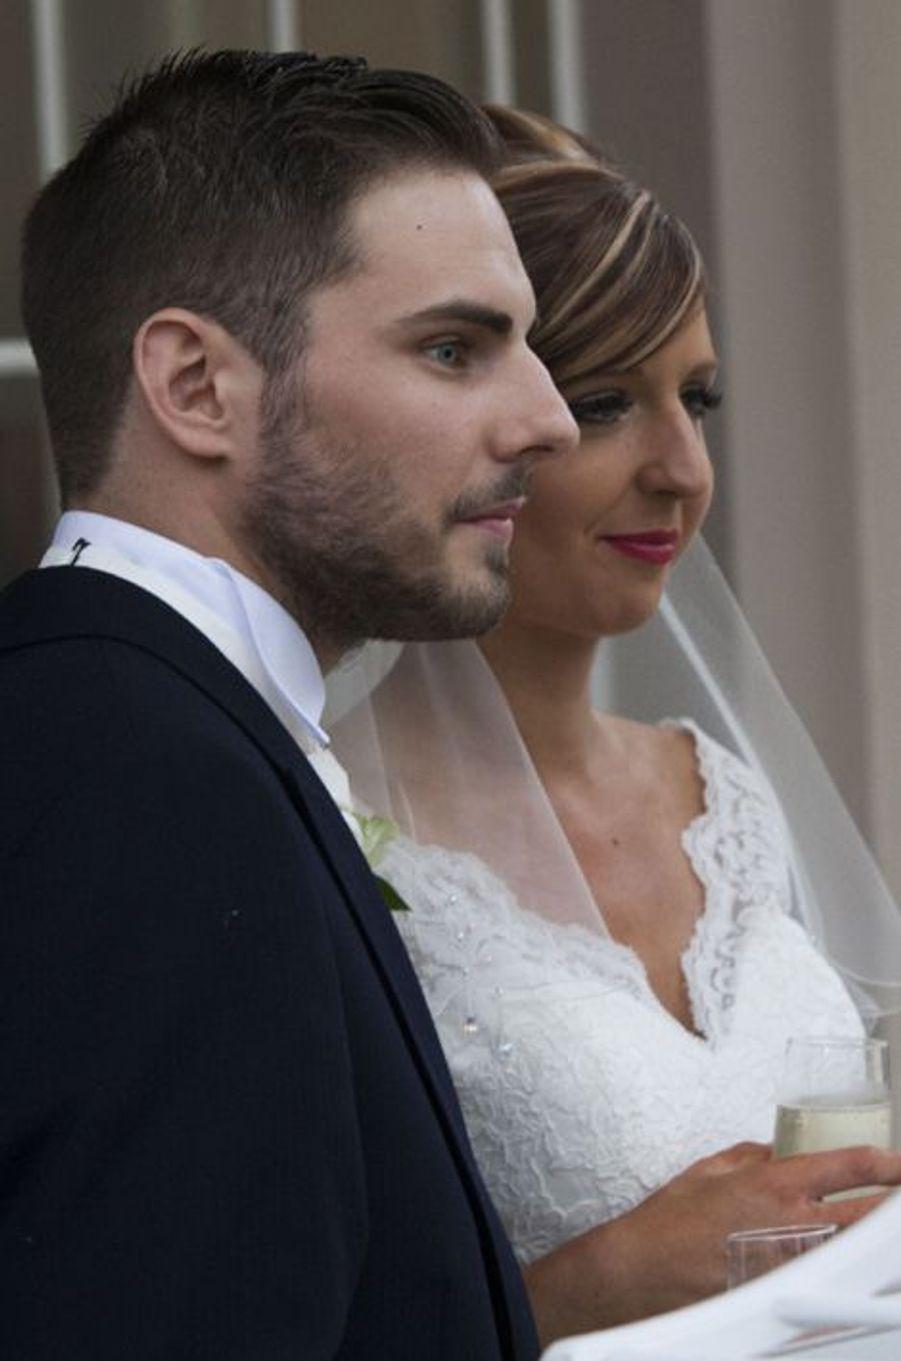 Lauren, mariée grâce à la générosité des internautes